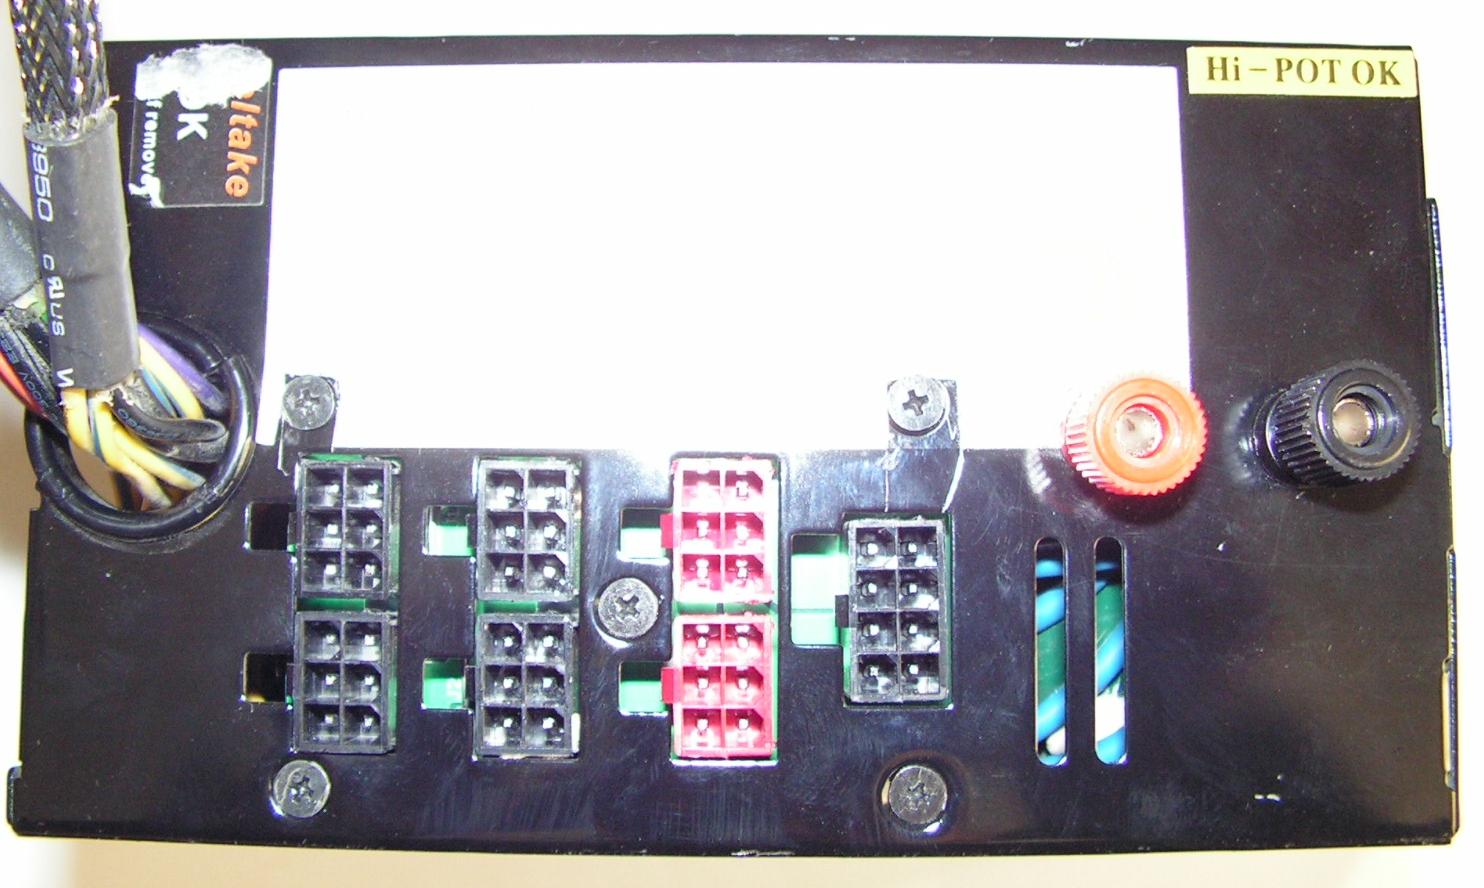 Alimentation à découpage pour émetteur-récepteur radioamateur Alim-pc-12v-09